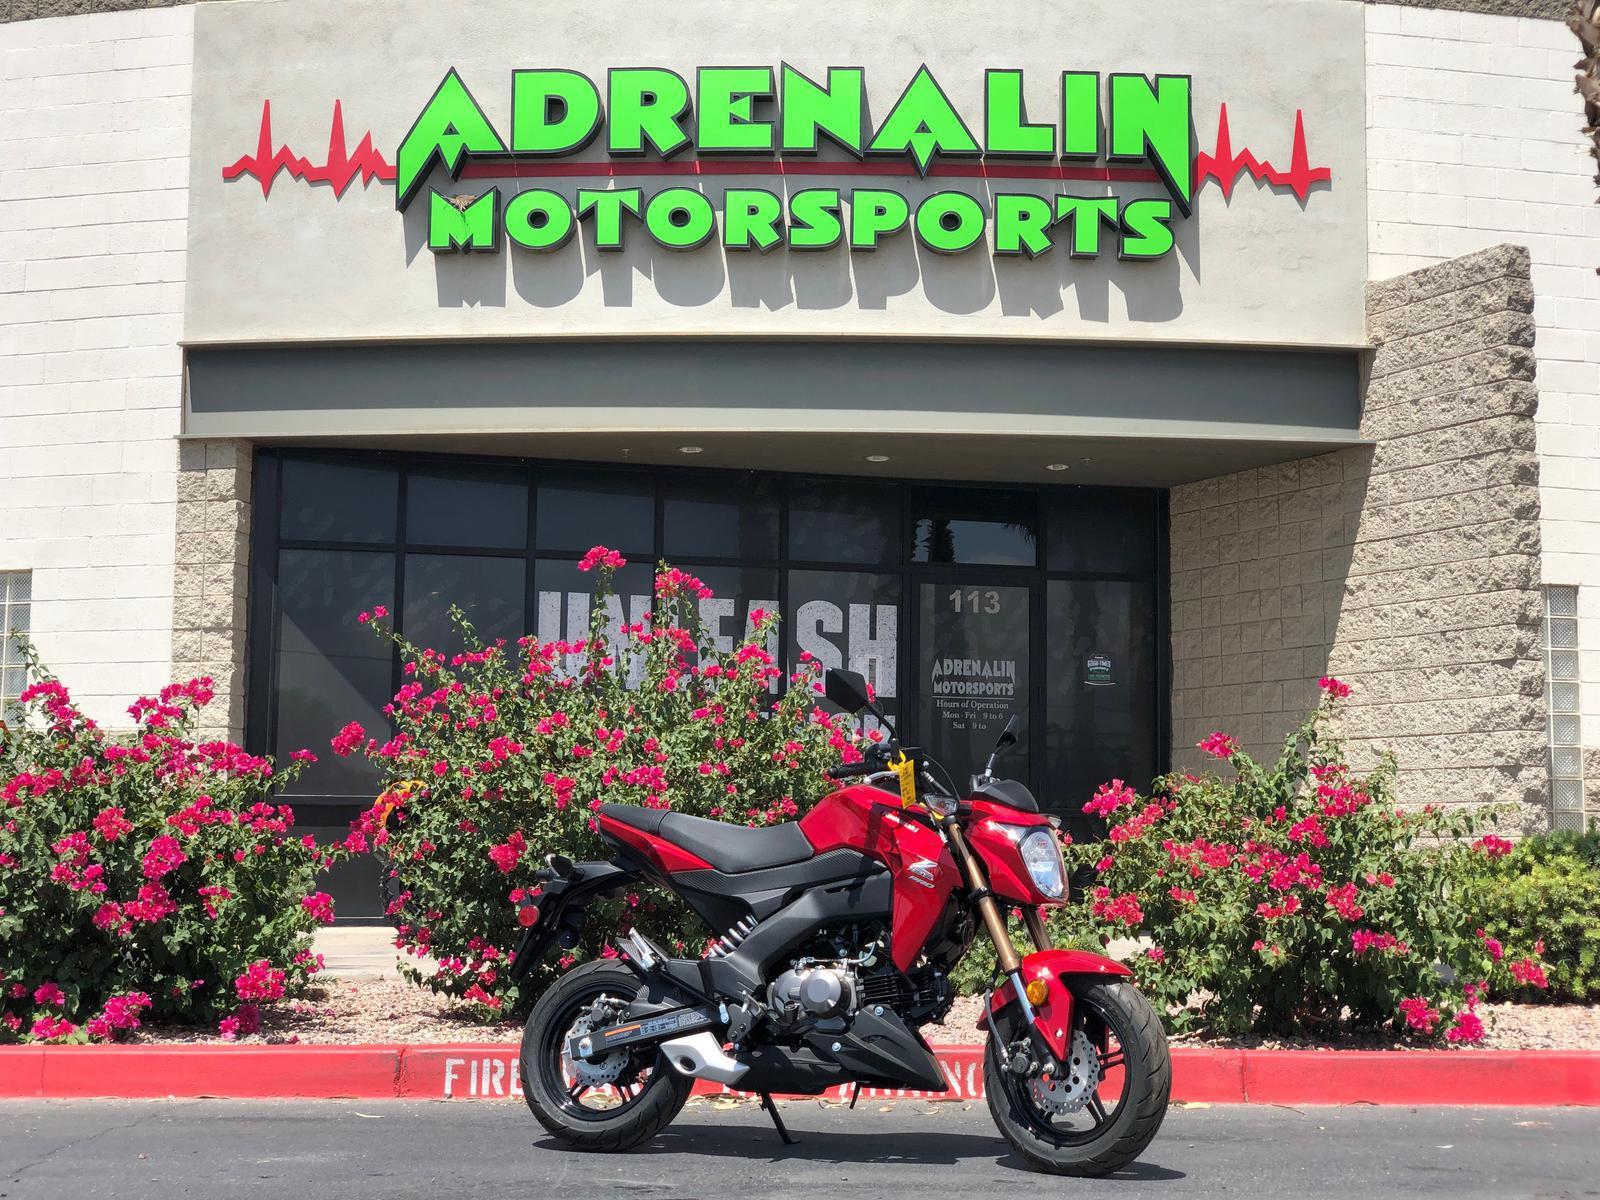 2018 Inventory from Kawasaki Adrenalin Motorsports Casa Grande, AZ